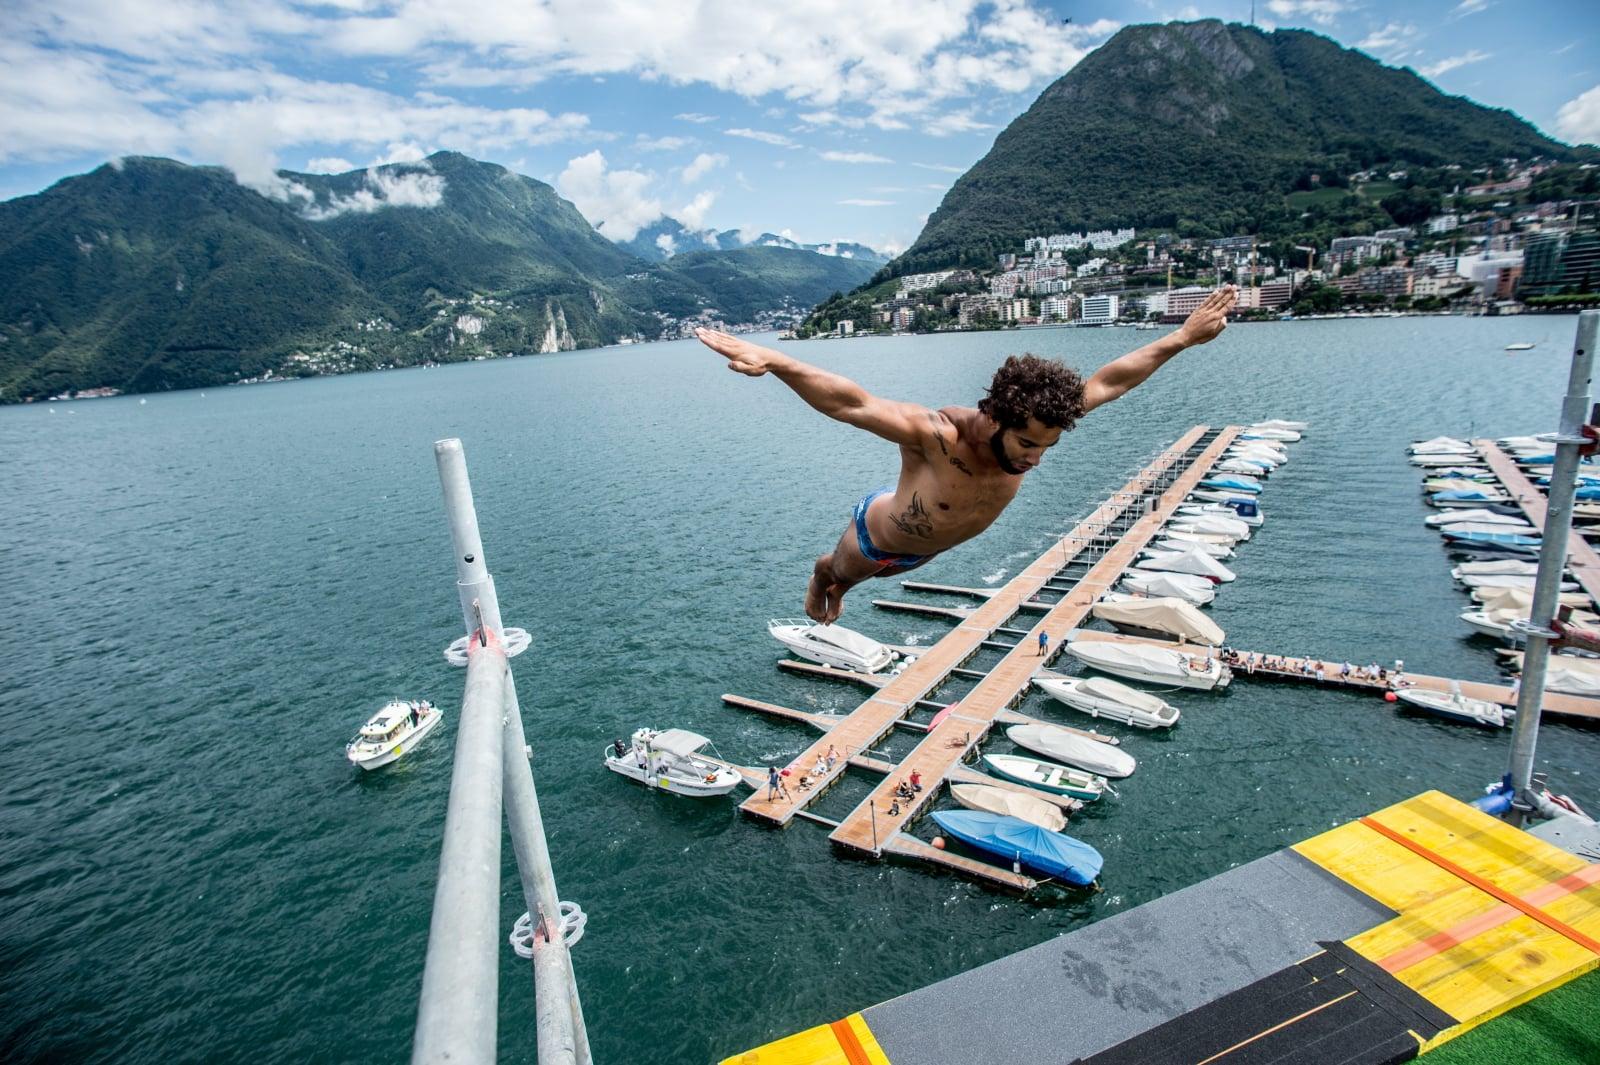 Konkurs skoków do wody w Szwajcarii fot. EPA/FRANCESCA AGOSTA